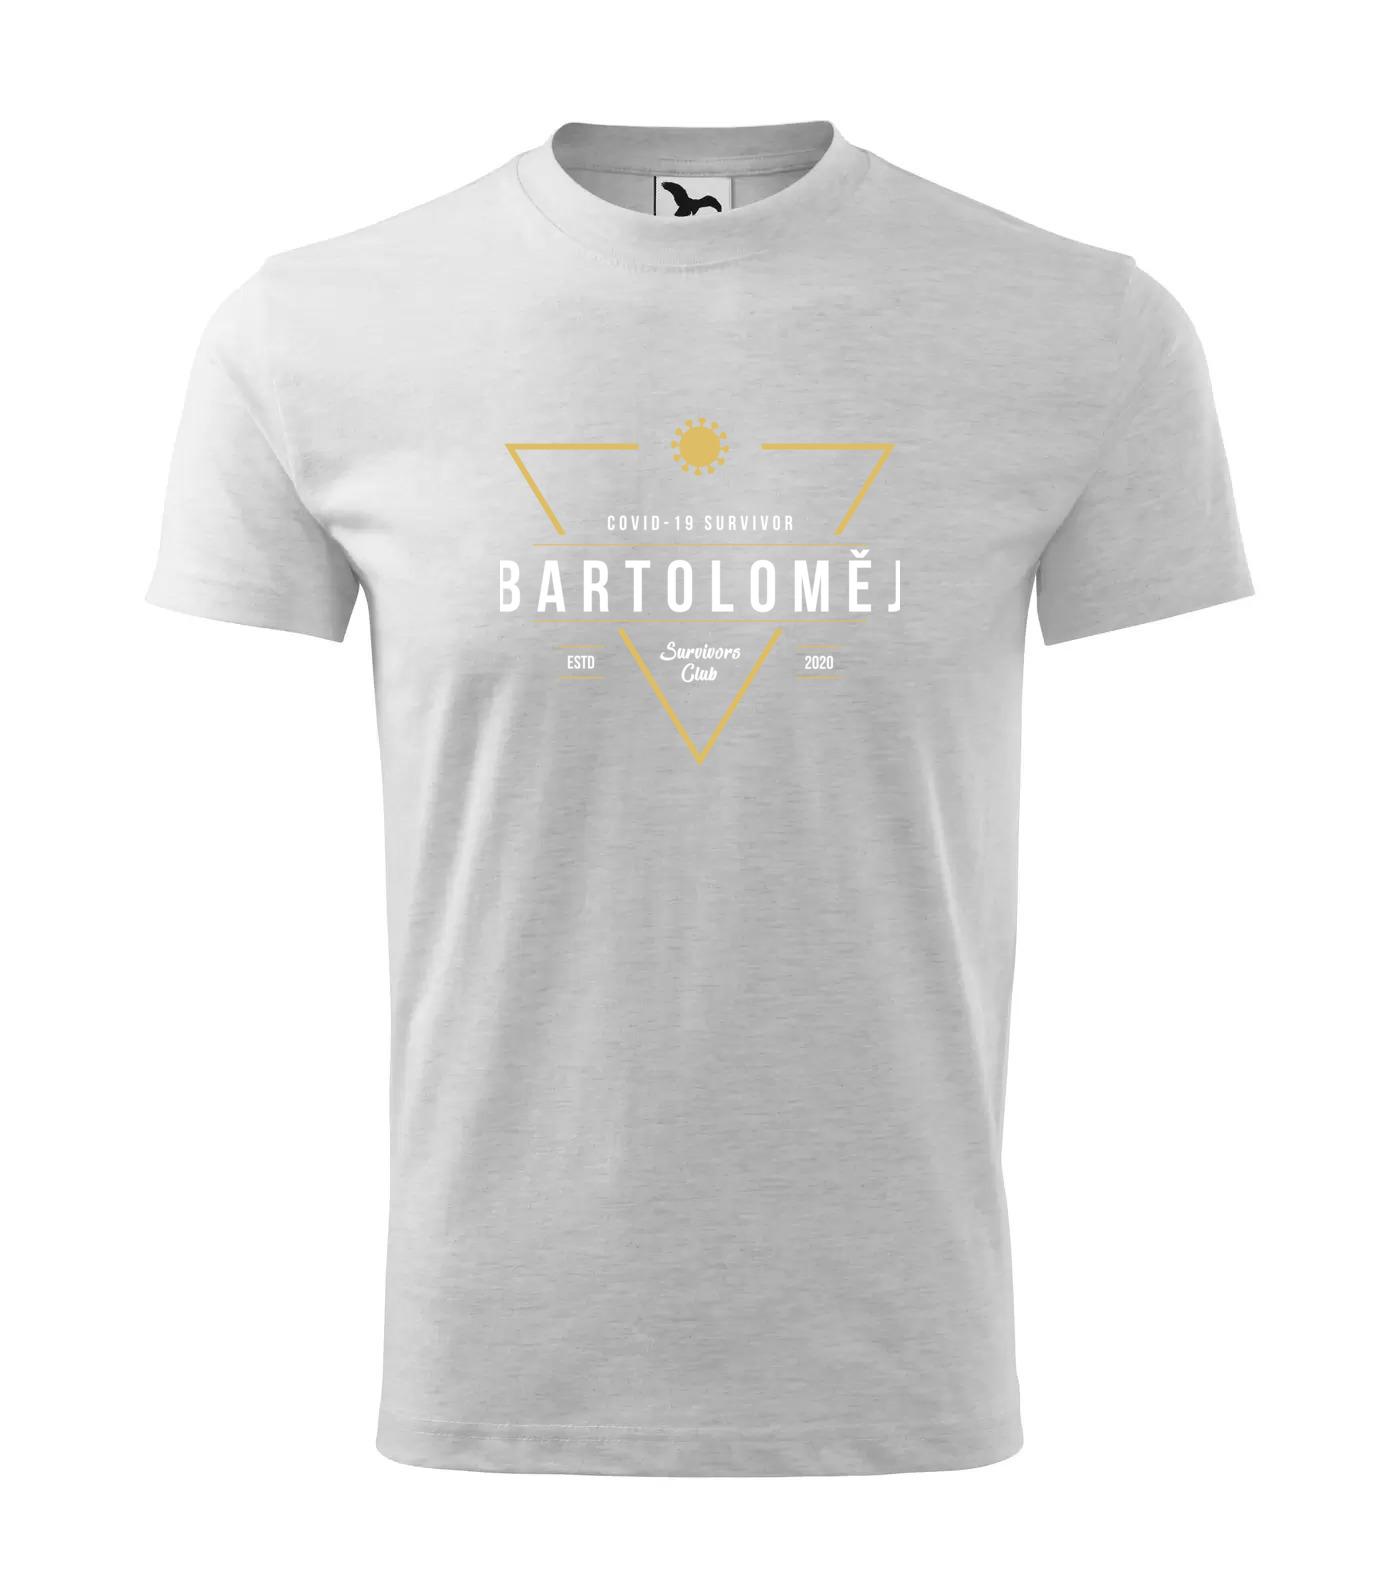 Tričko Survivor Club Bartoloměj